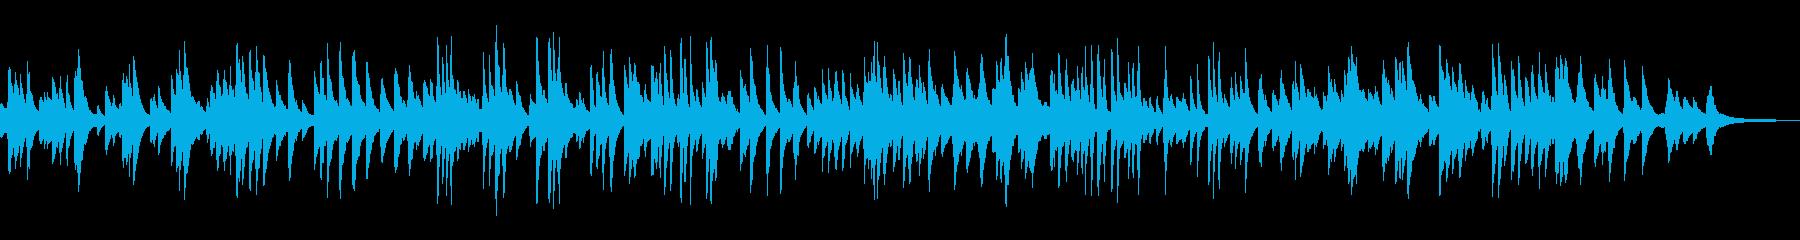 ジャズラウンジ風ピアノソロ/バラードの再生済みの波形